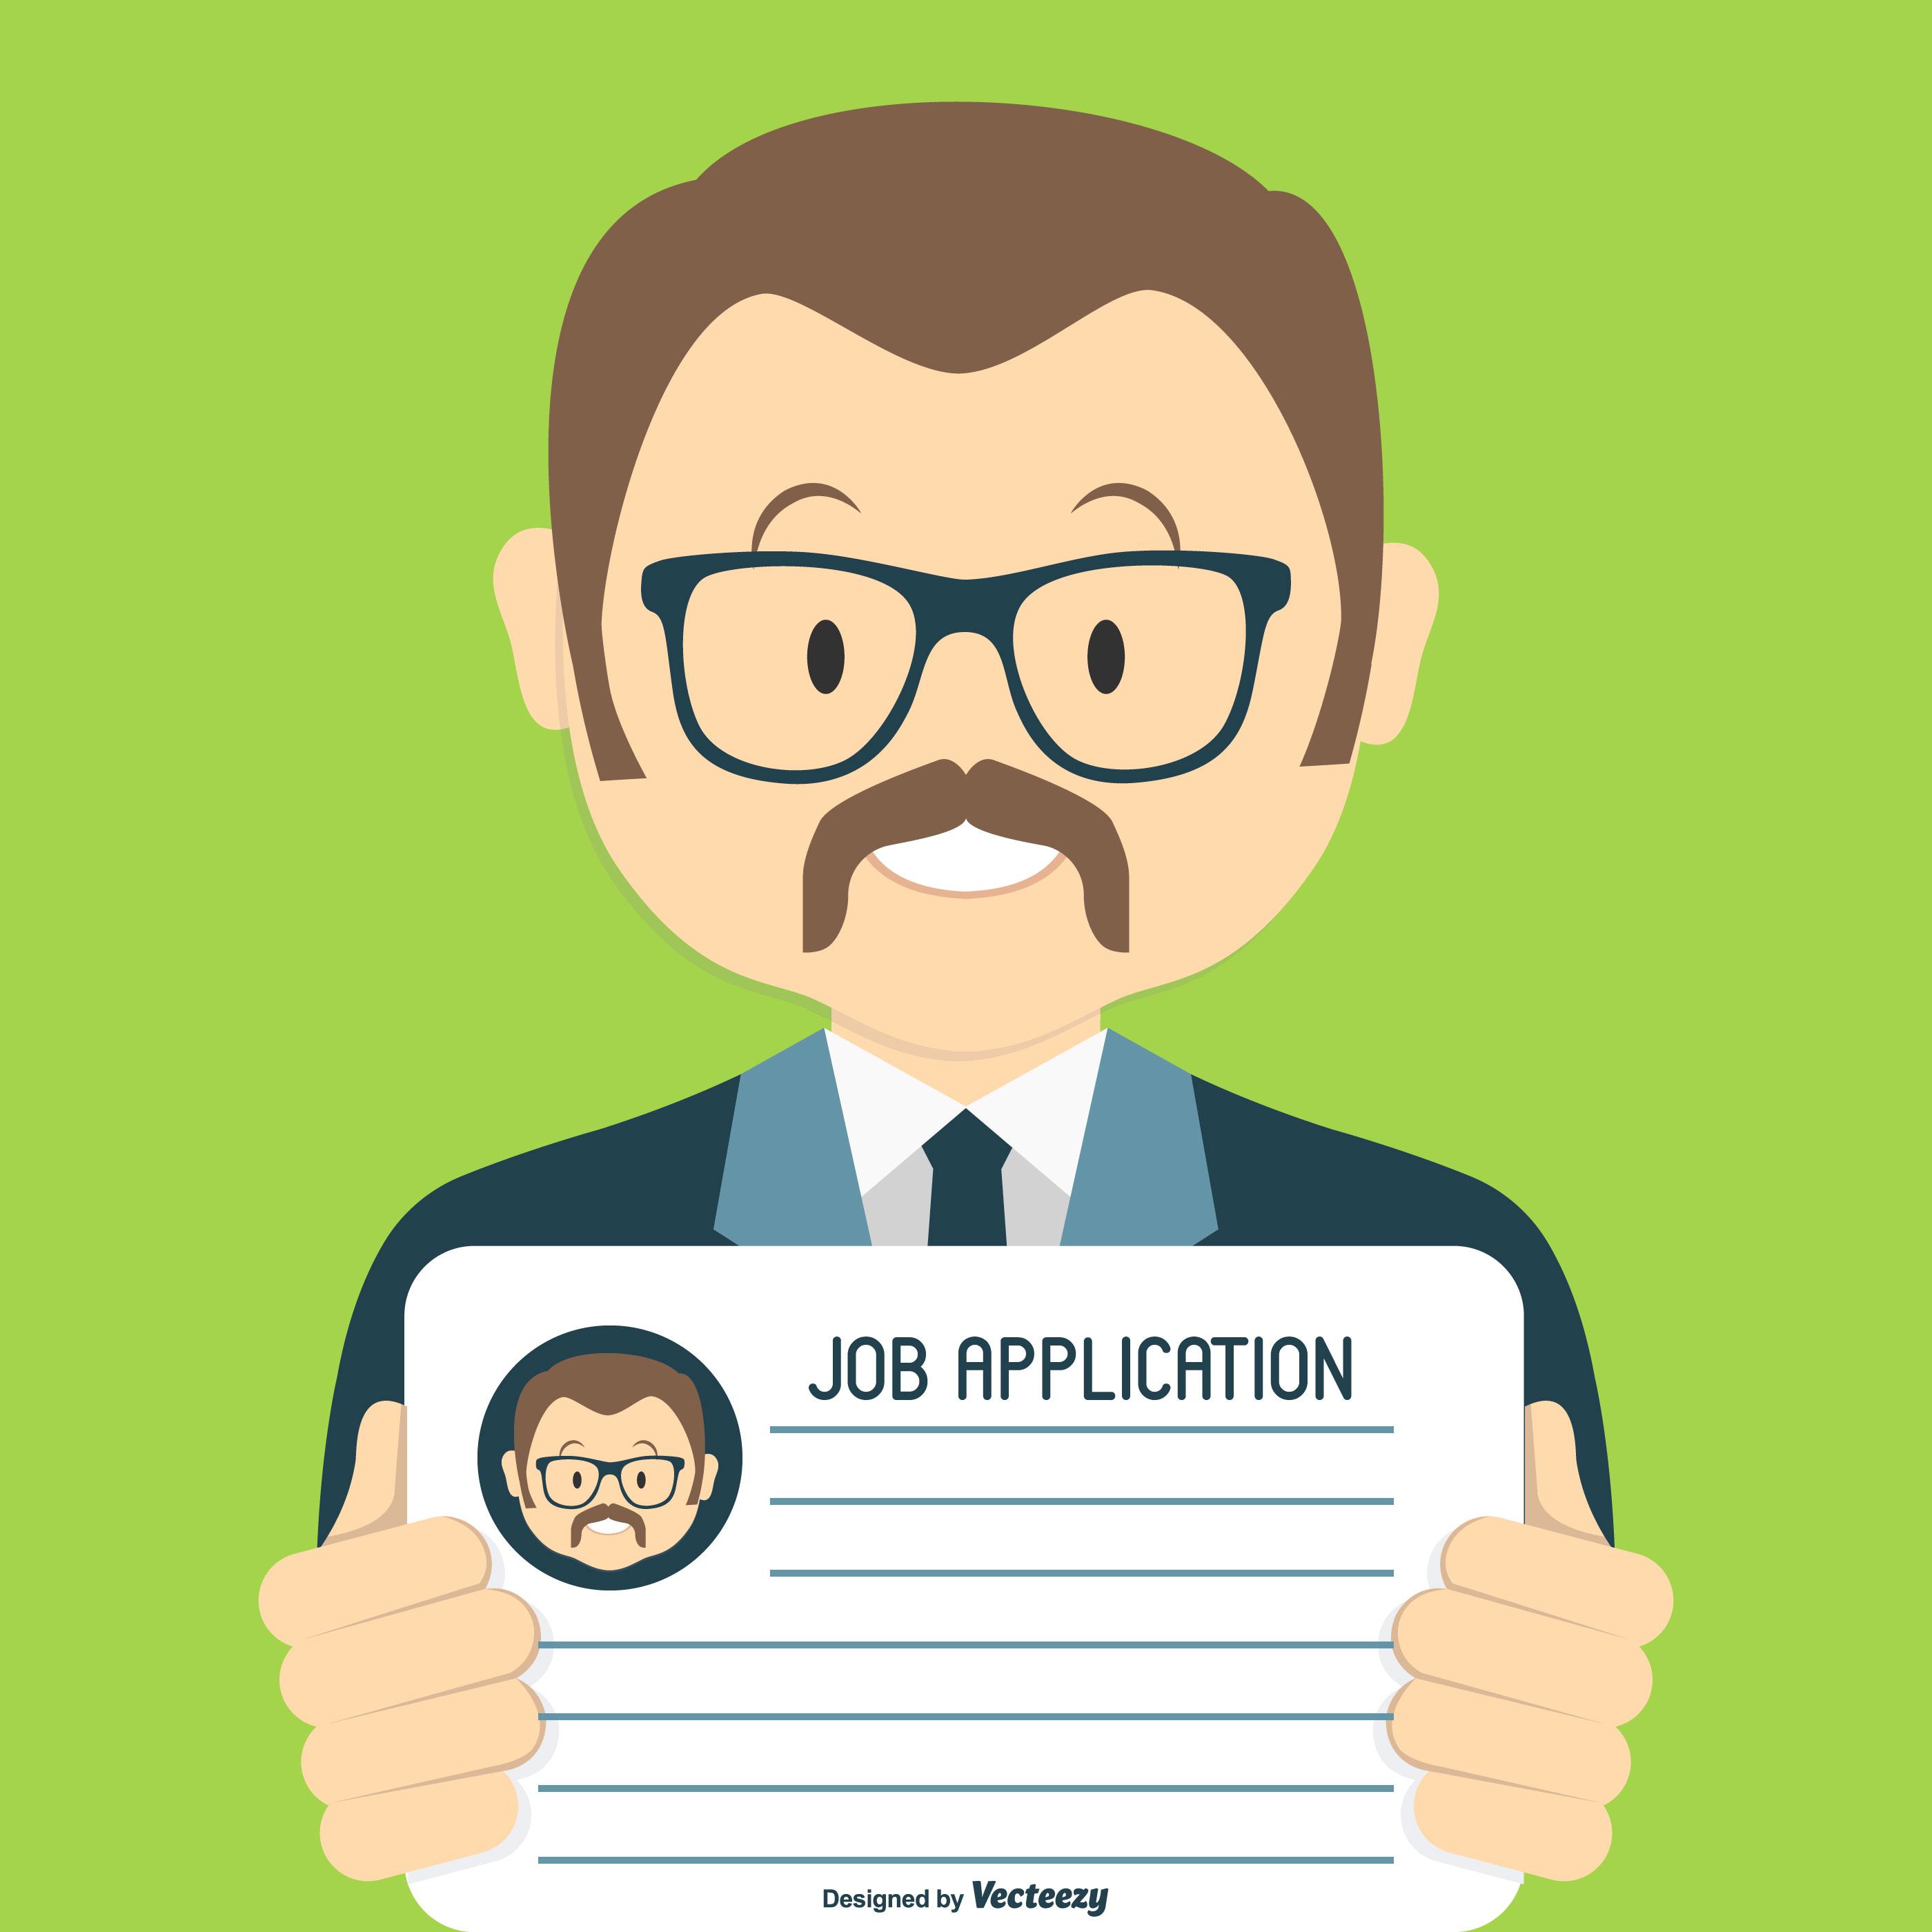 Cute Job Search Application Illustration Download Free Vectors Clipart Graphics Vector Art